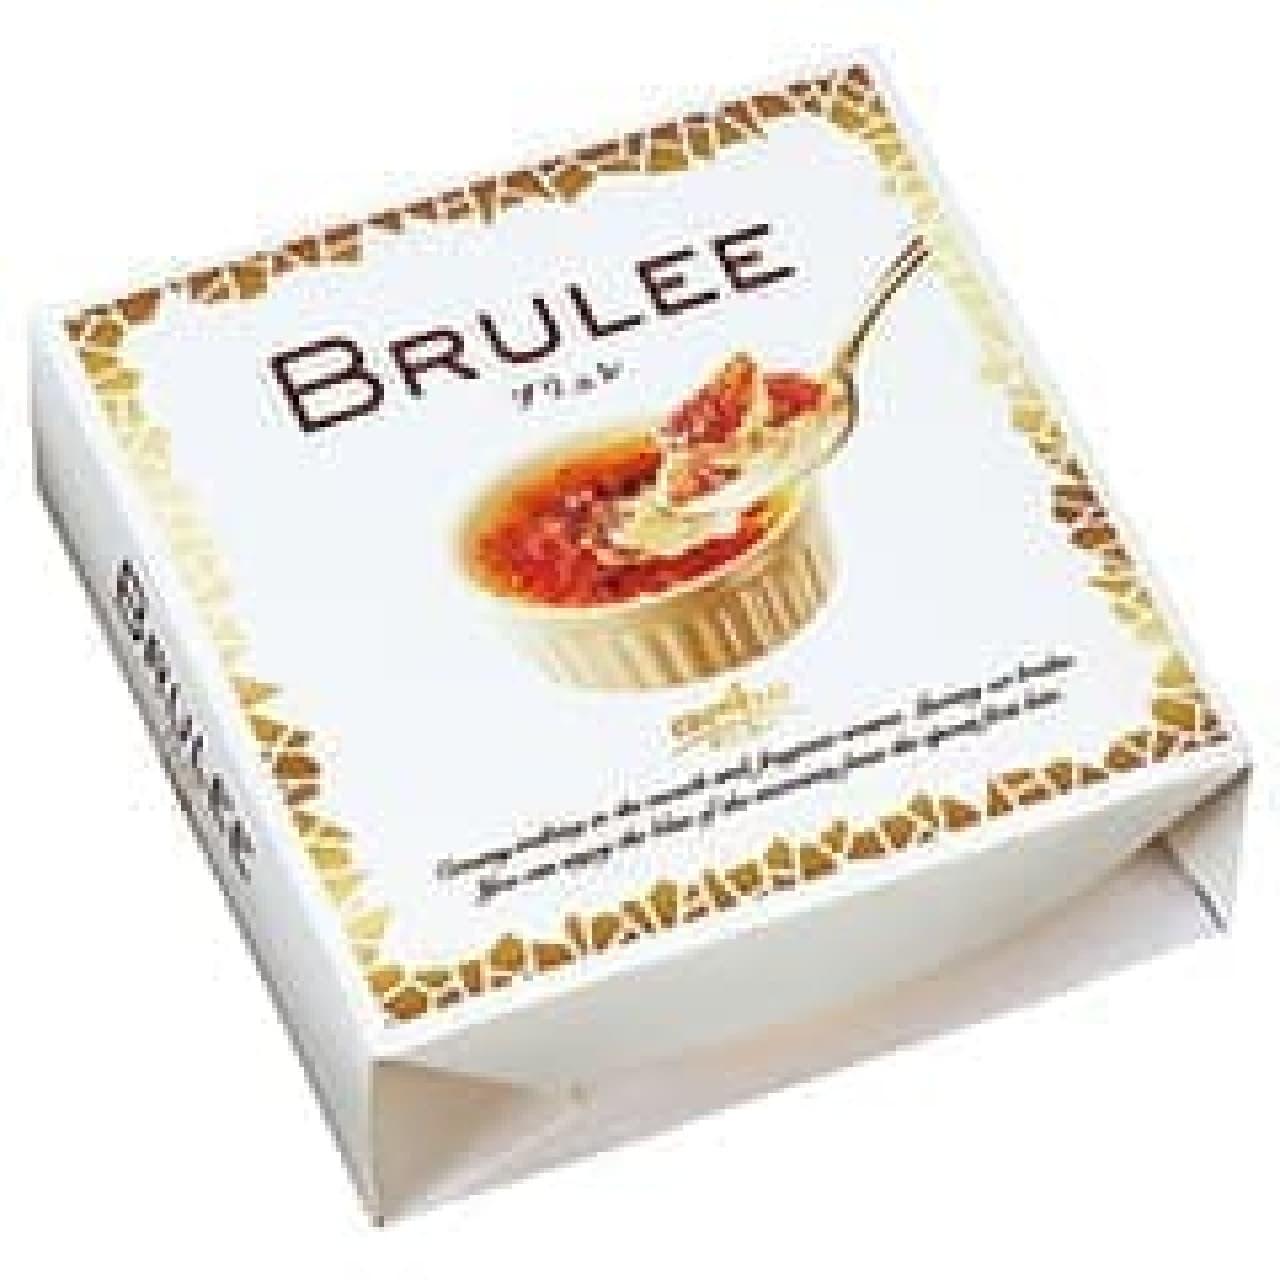 クレームブリュレみたいなアイス「BRULEE(ブリュレ)」